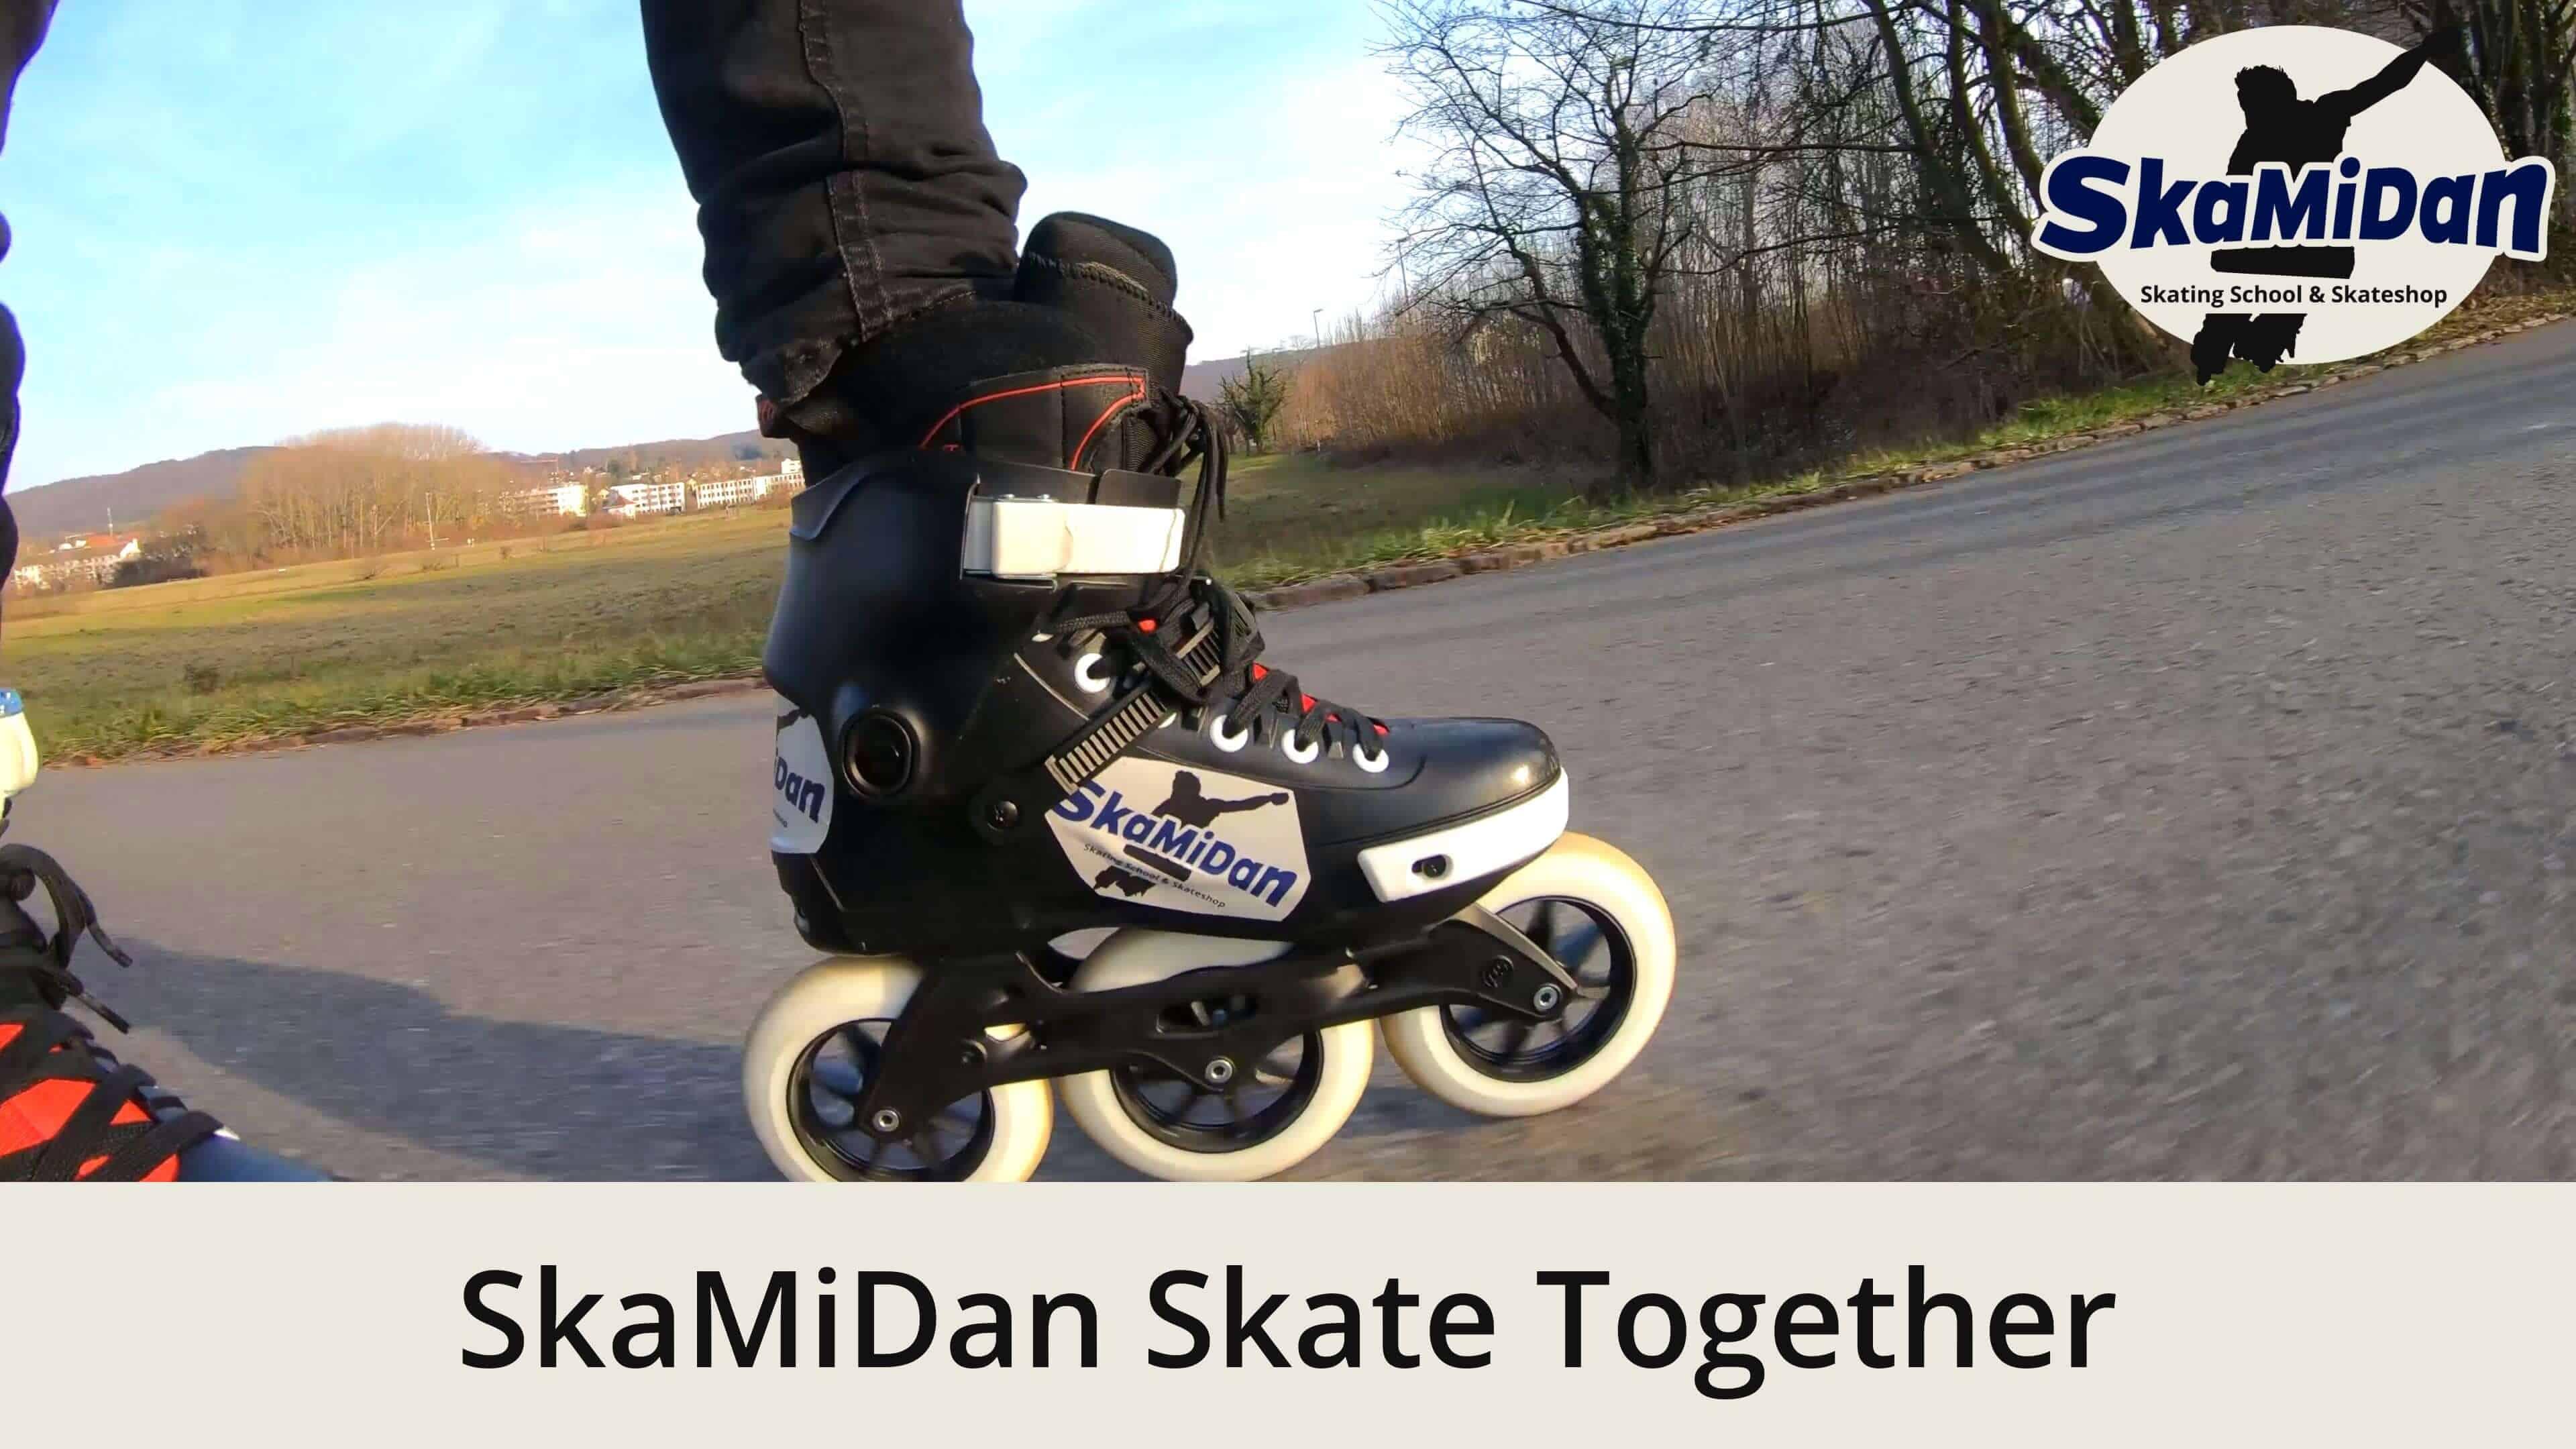 SkaMiDan Skate Together Erlen Skate Lange Erle Skateschule und Skateshop SkaMiDan Weil am Rhein Basel Lörrach Freiburg Inliner Skates Rollschuhe